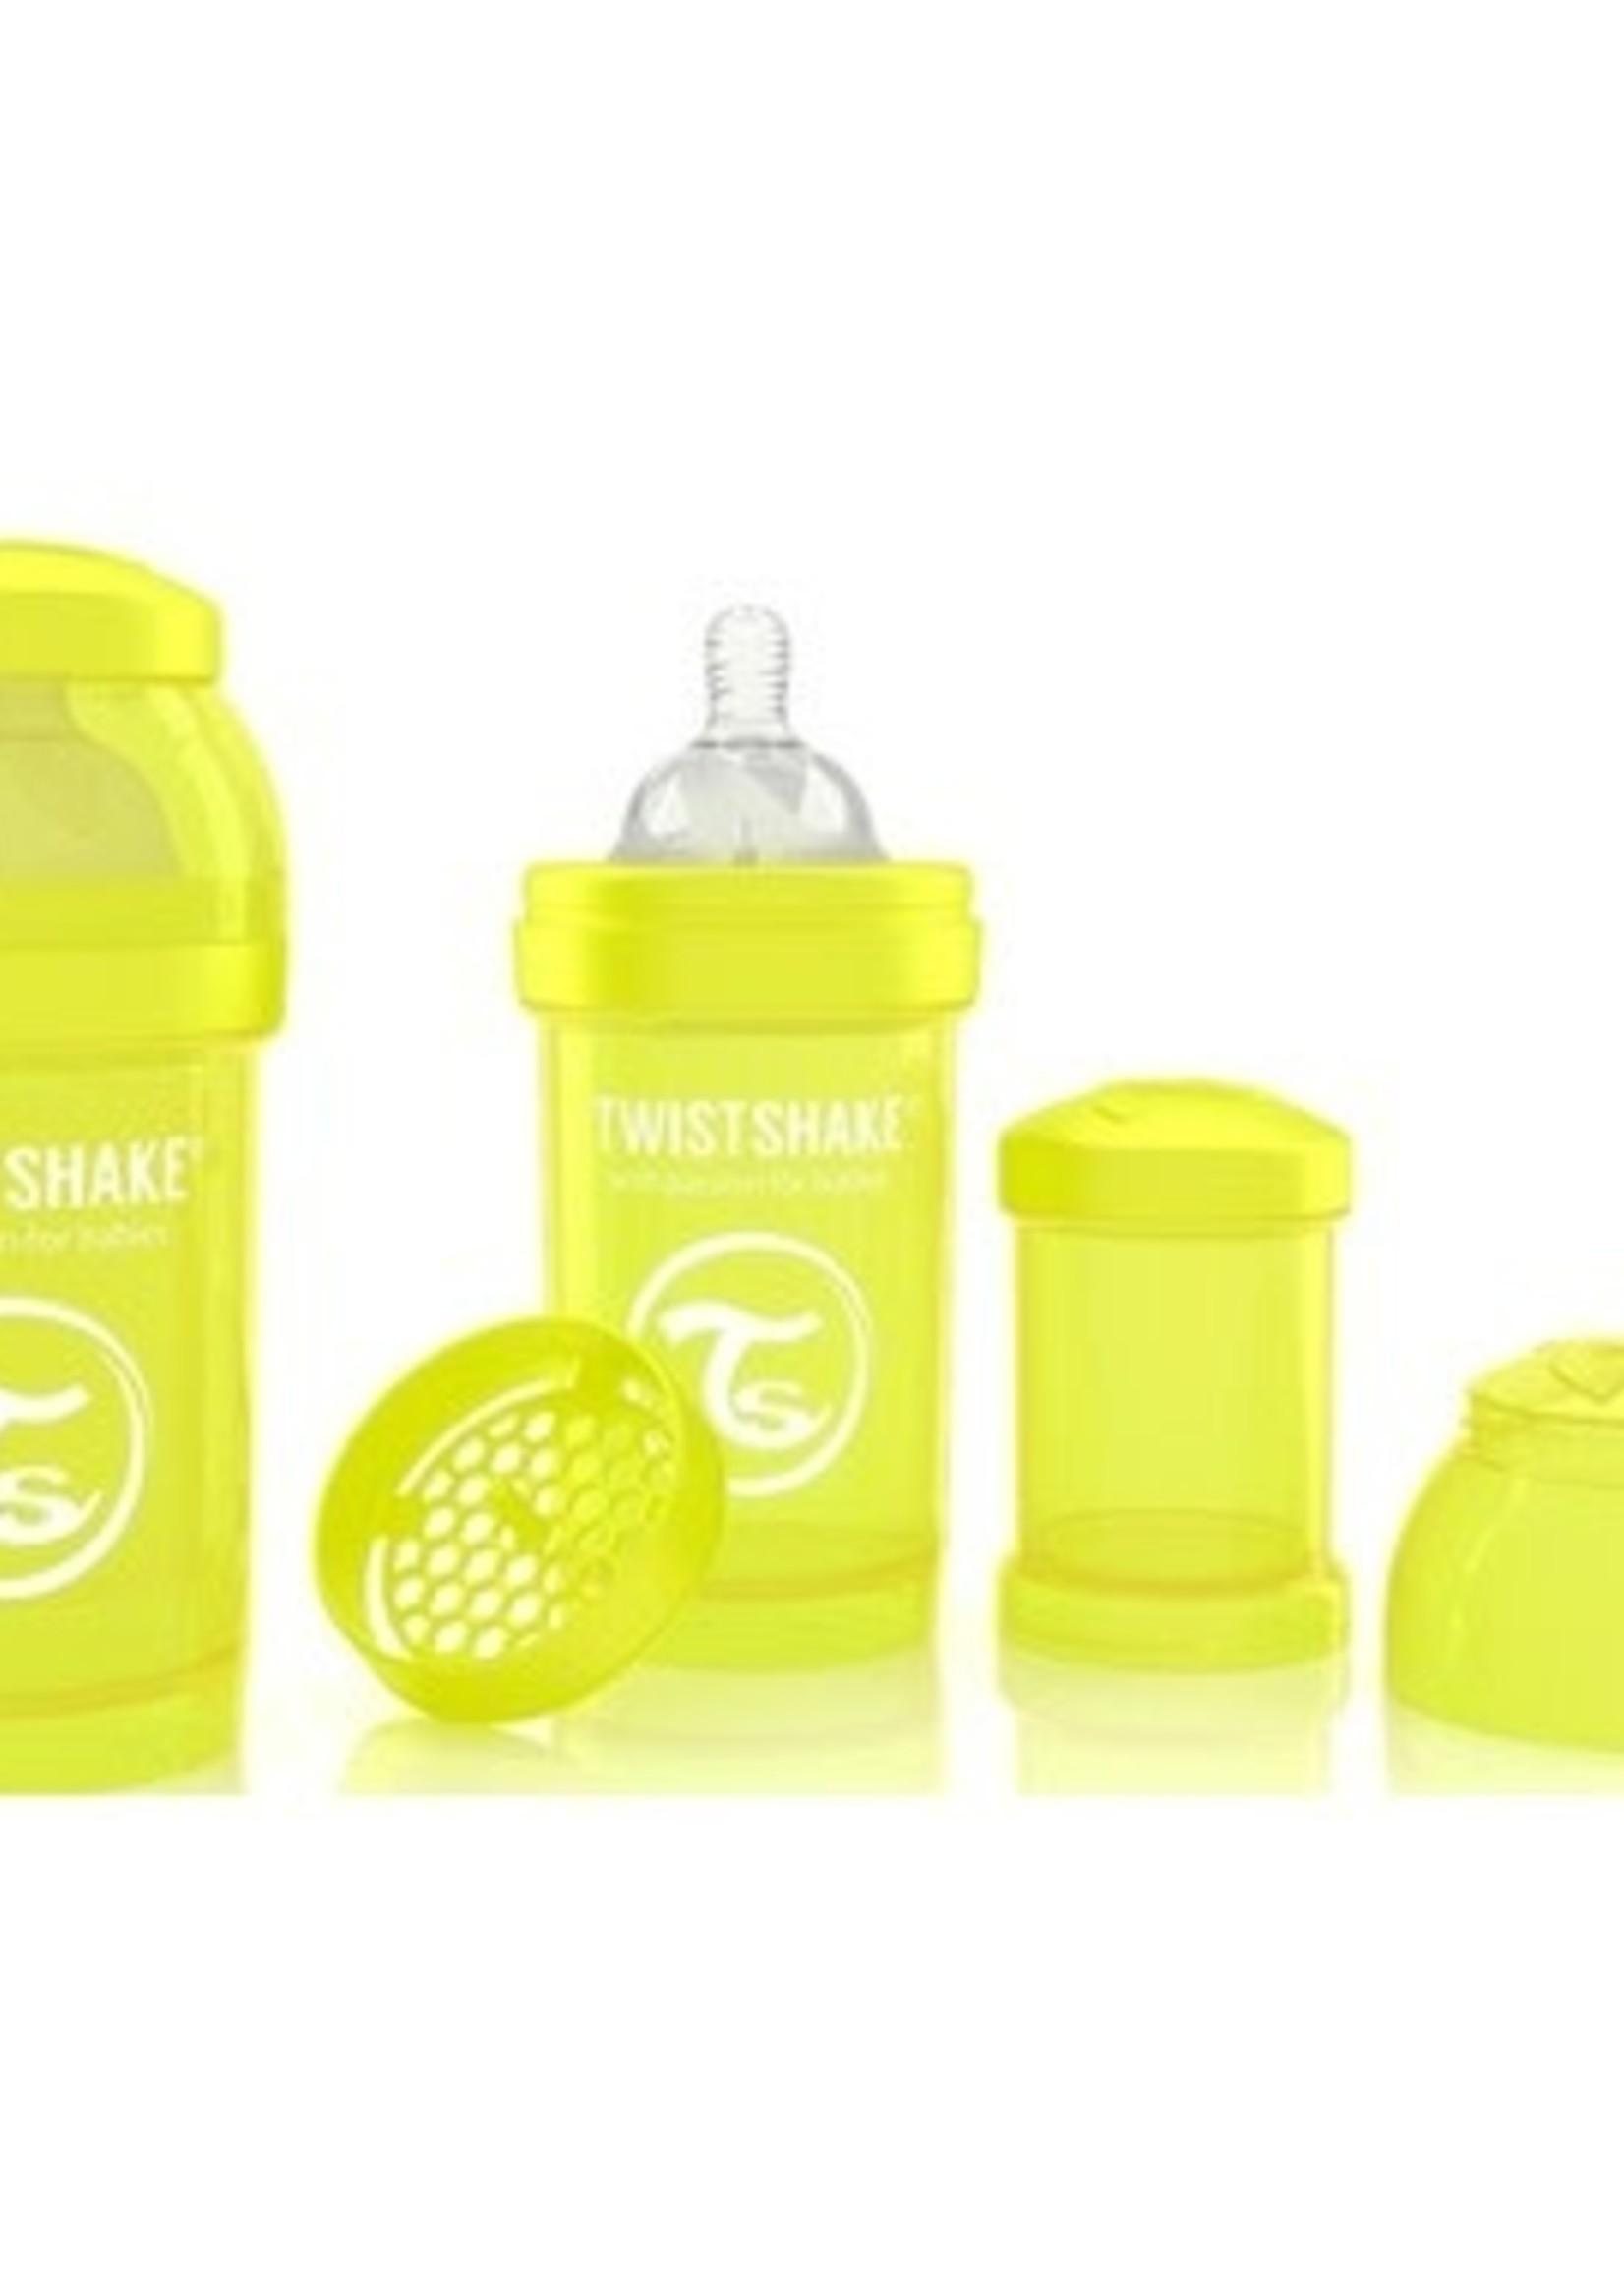 Twistshake Twistshake Bottle 260ml (Assorted)